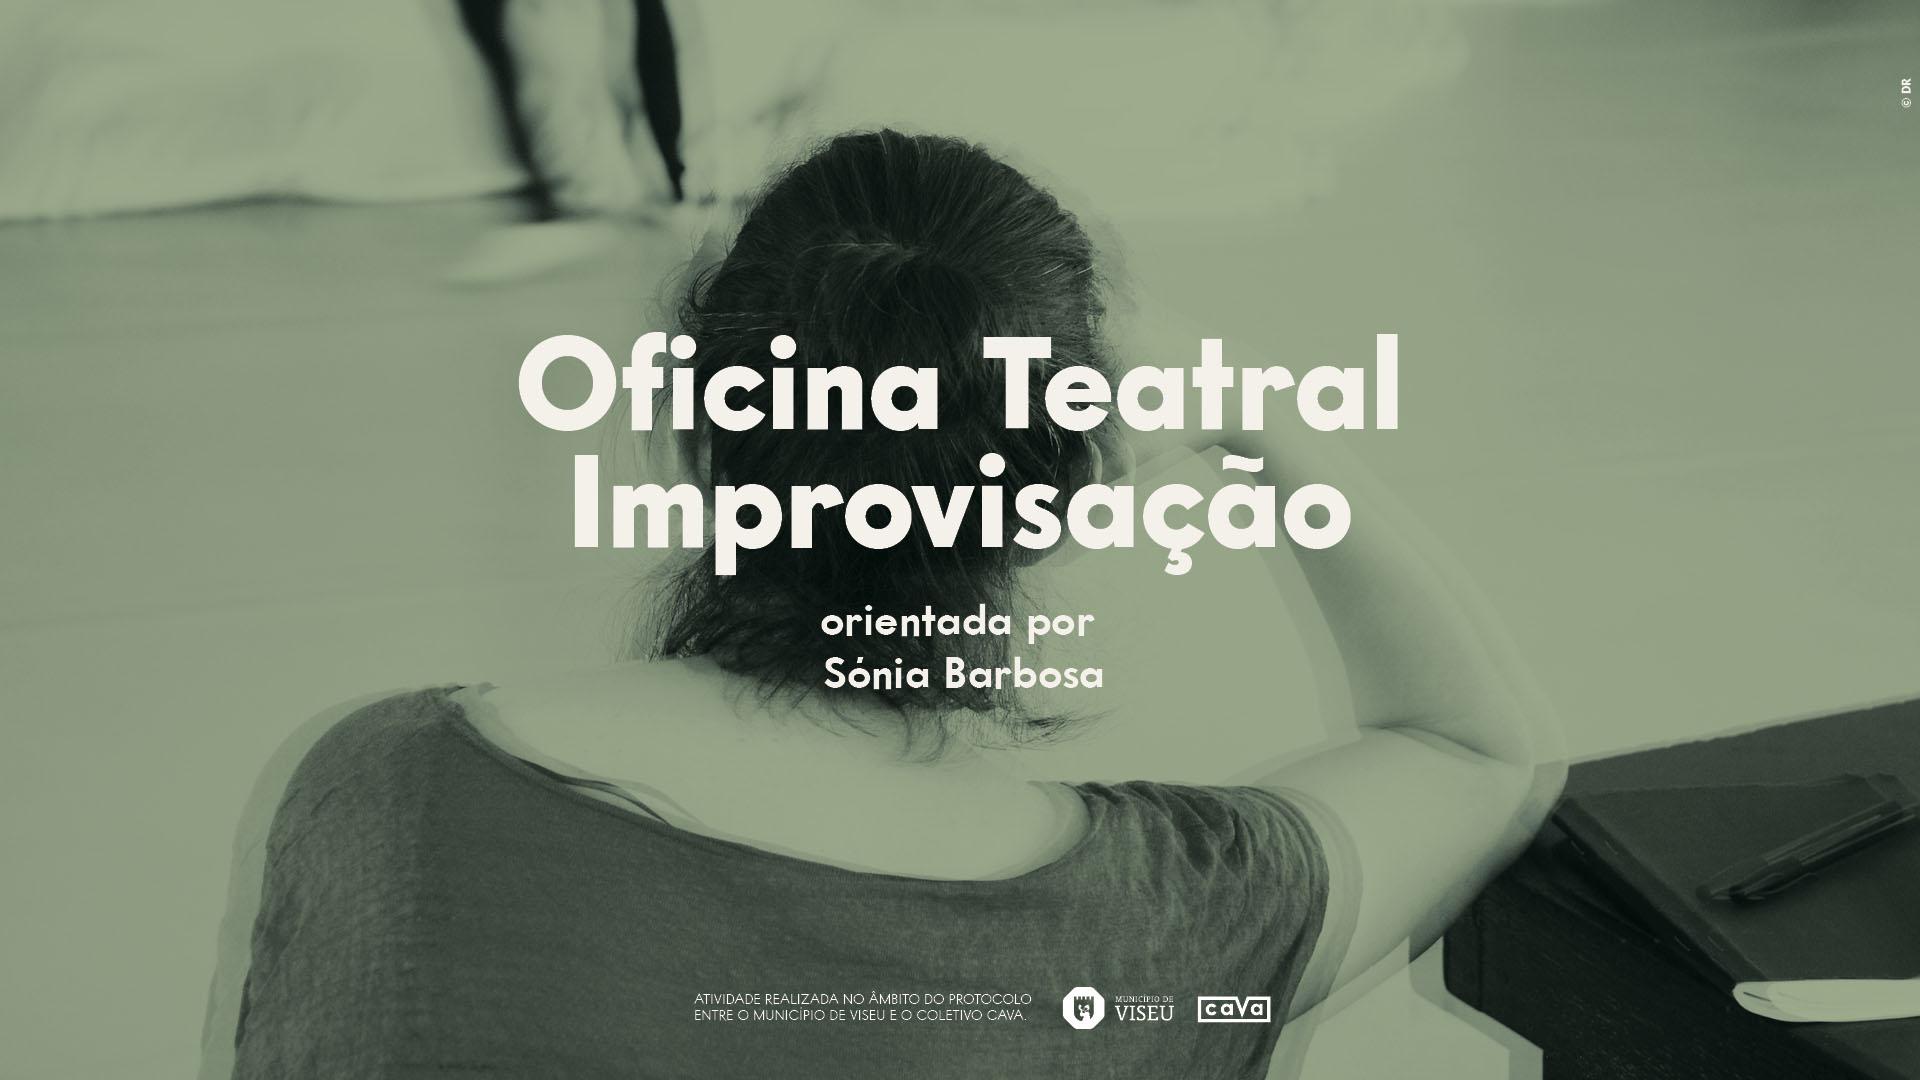 Oficinal Teatral – Improvisação